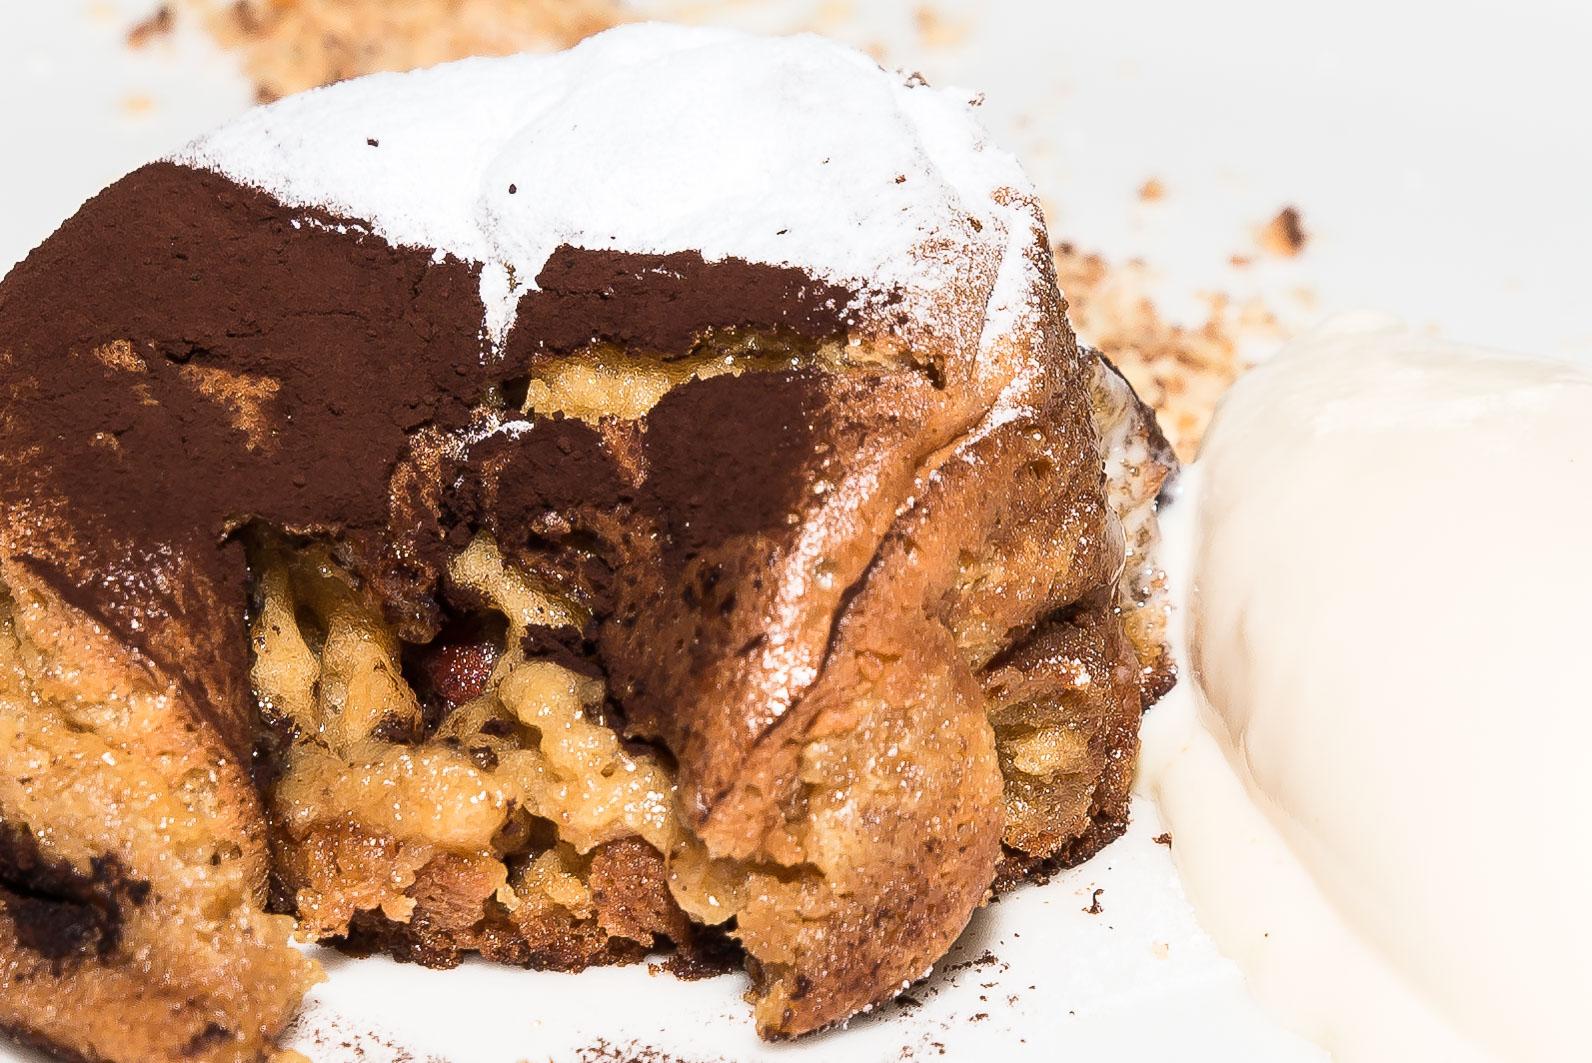 postre-templado-de-leche-cacao-avellanas-y-azucar-1